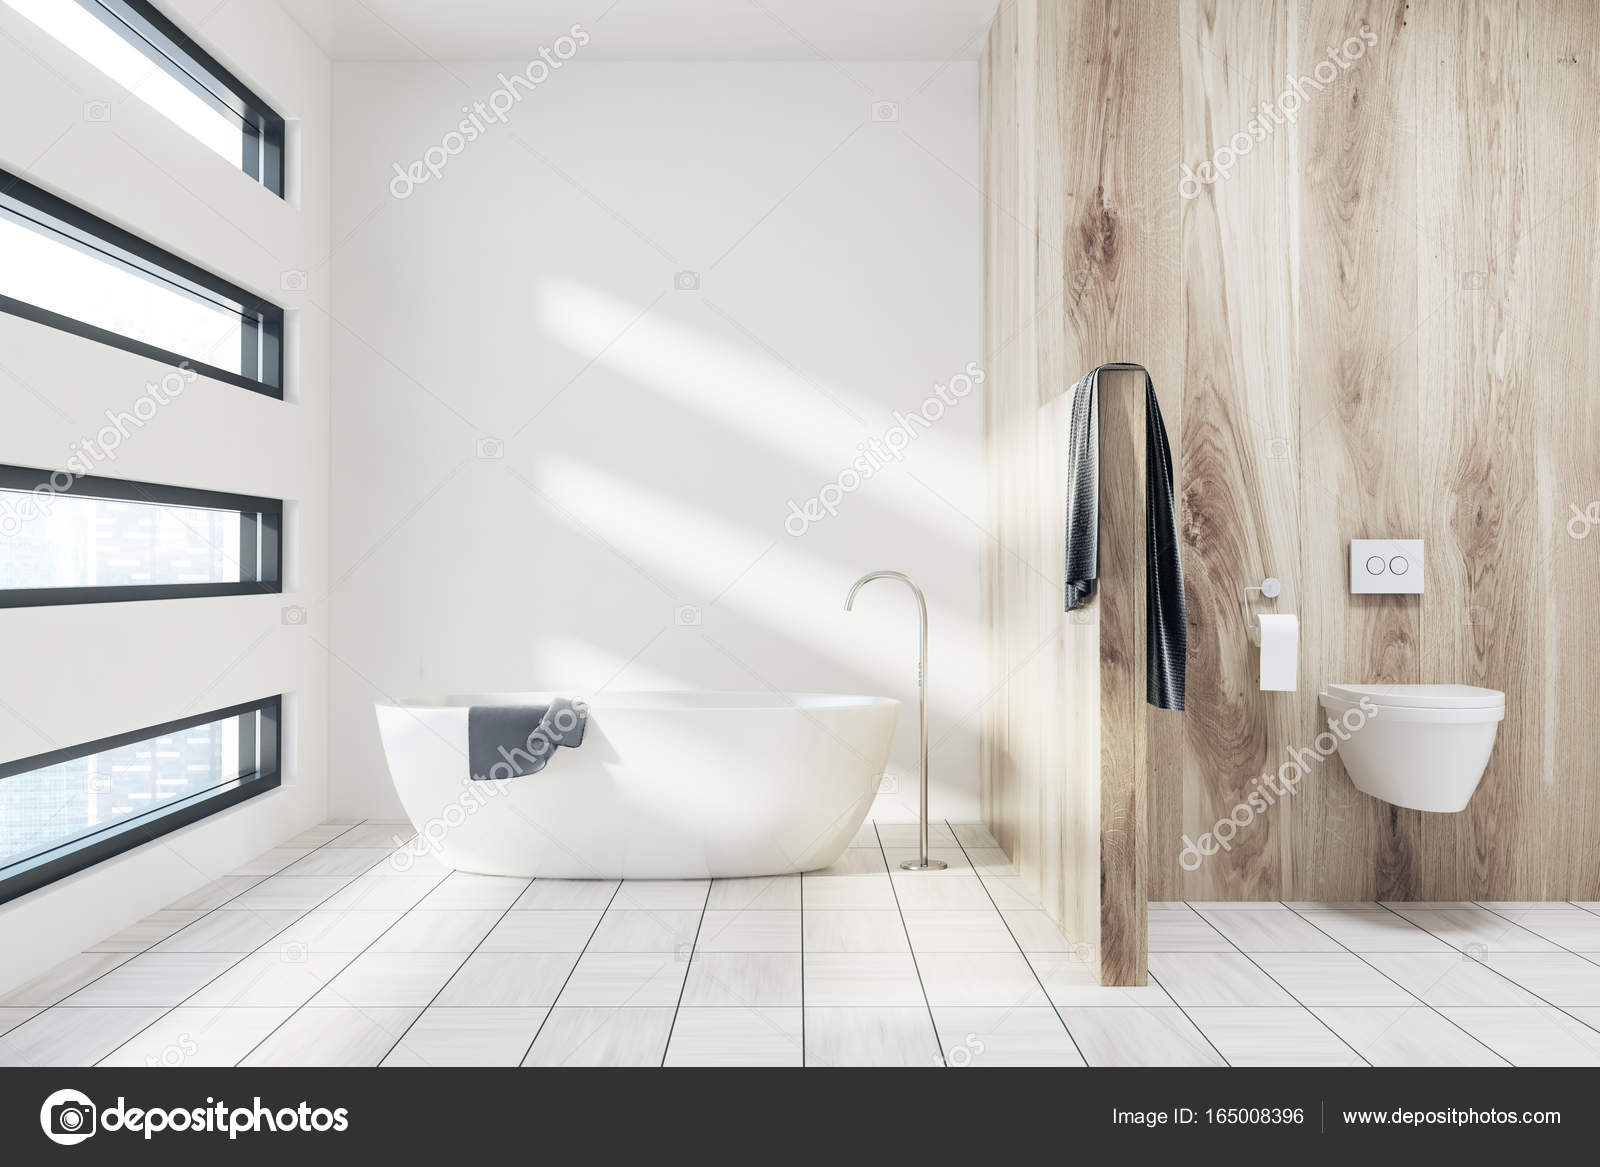 Blanc Salle De Bain Avec Une Baignoire Toilettes